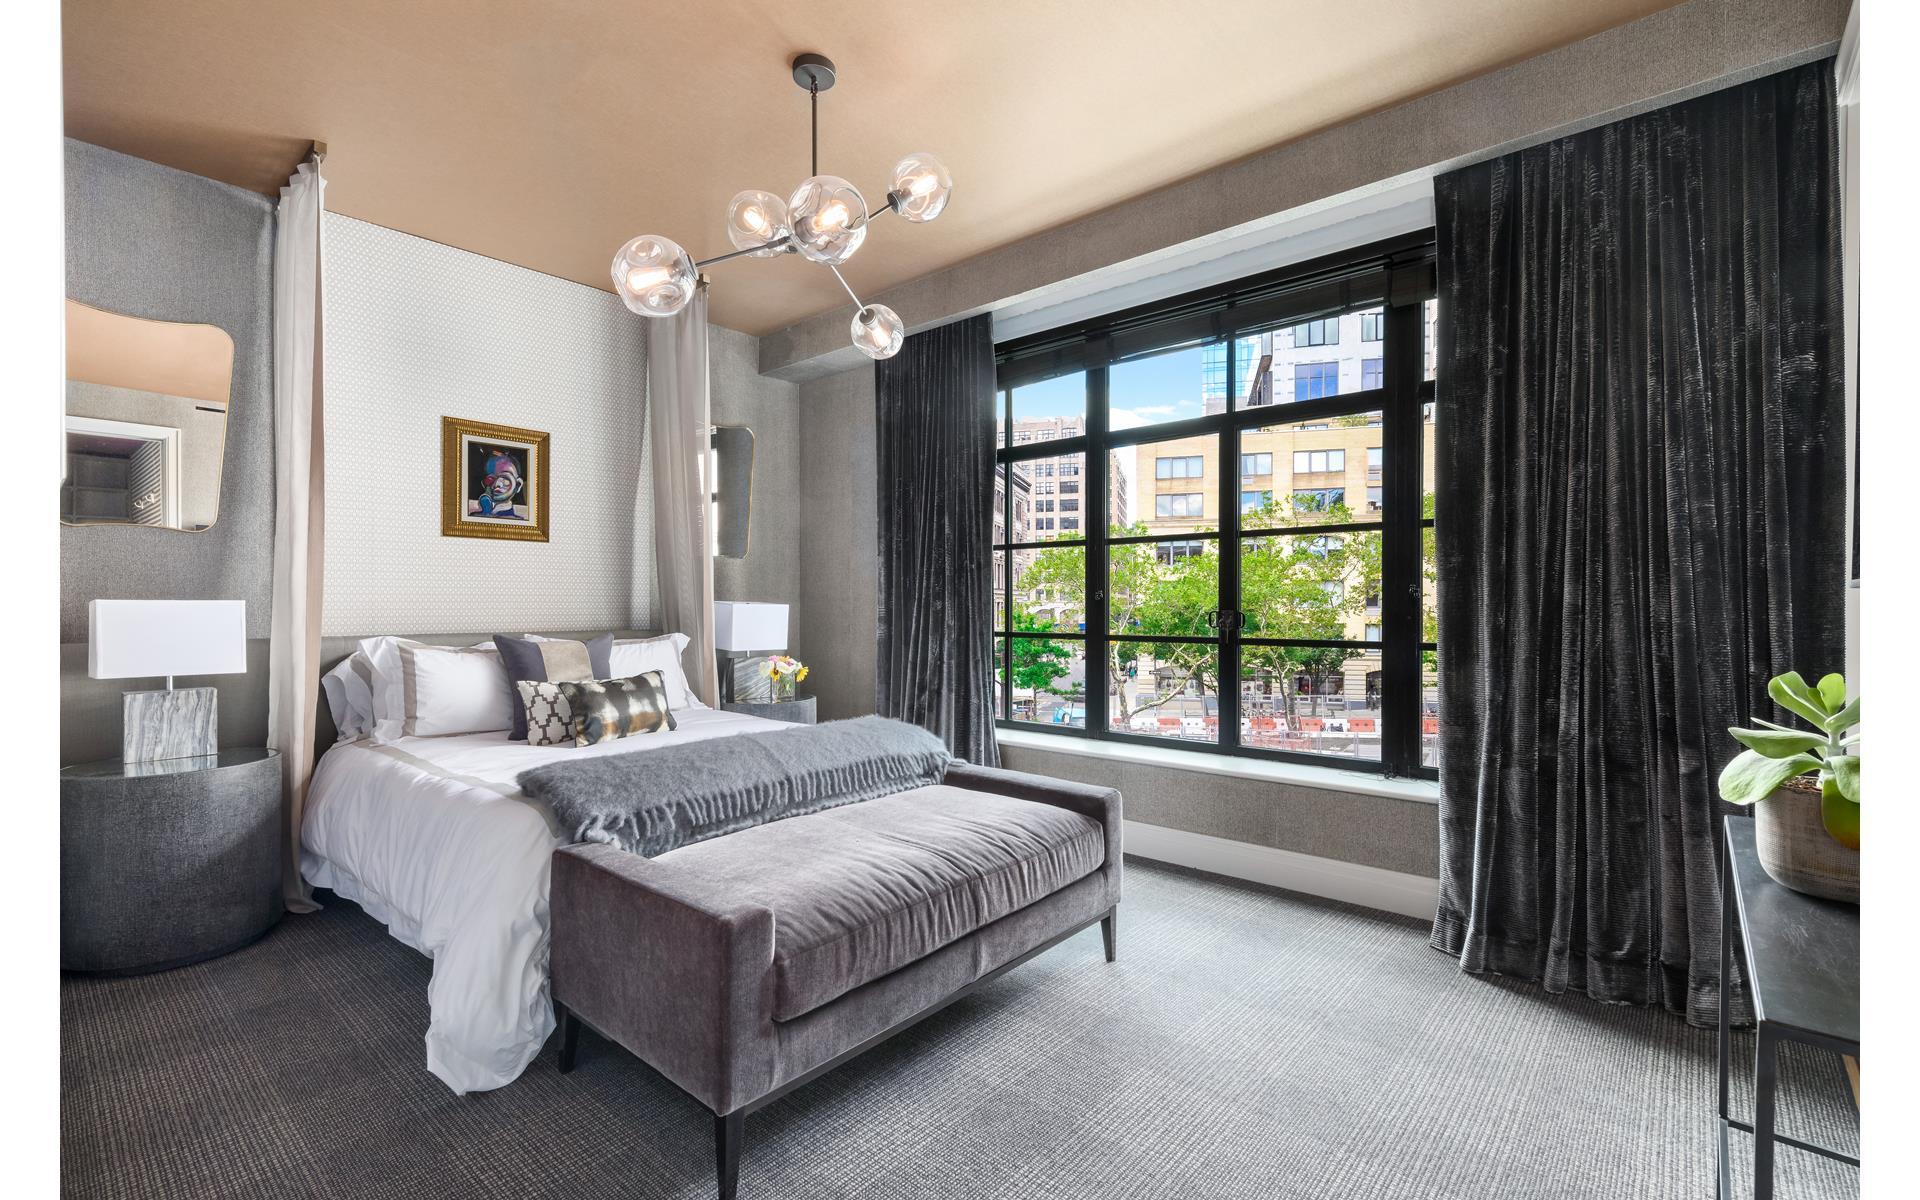 спальня кровать изножье кушетка шторы лампа bubble